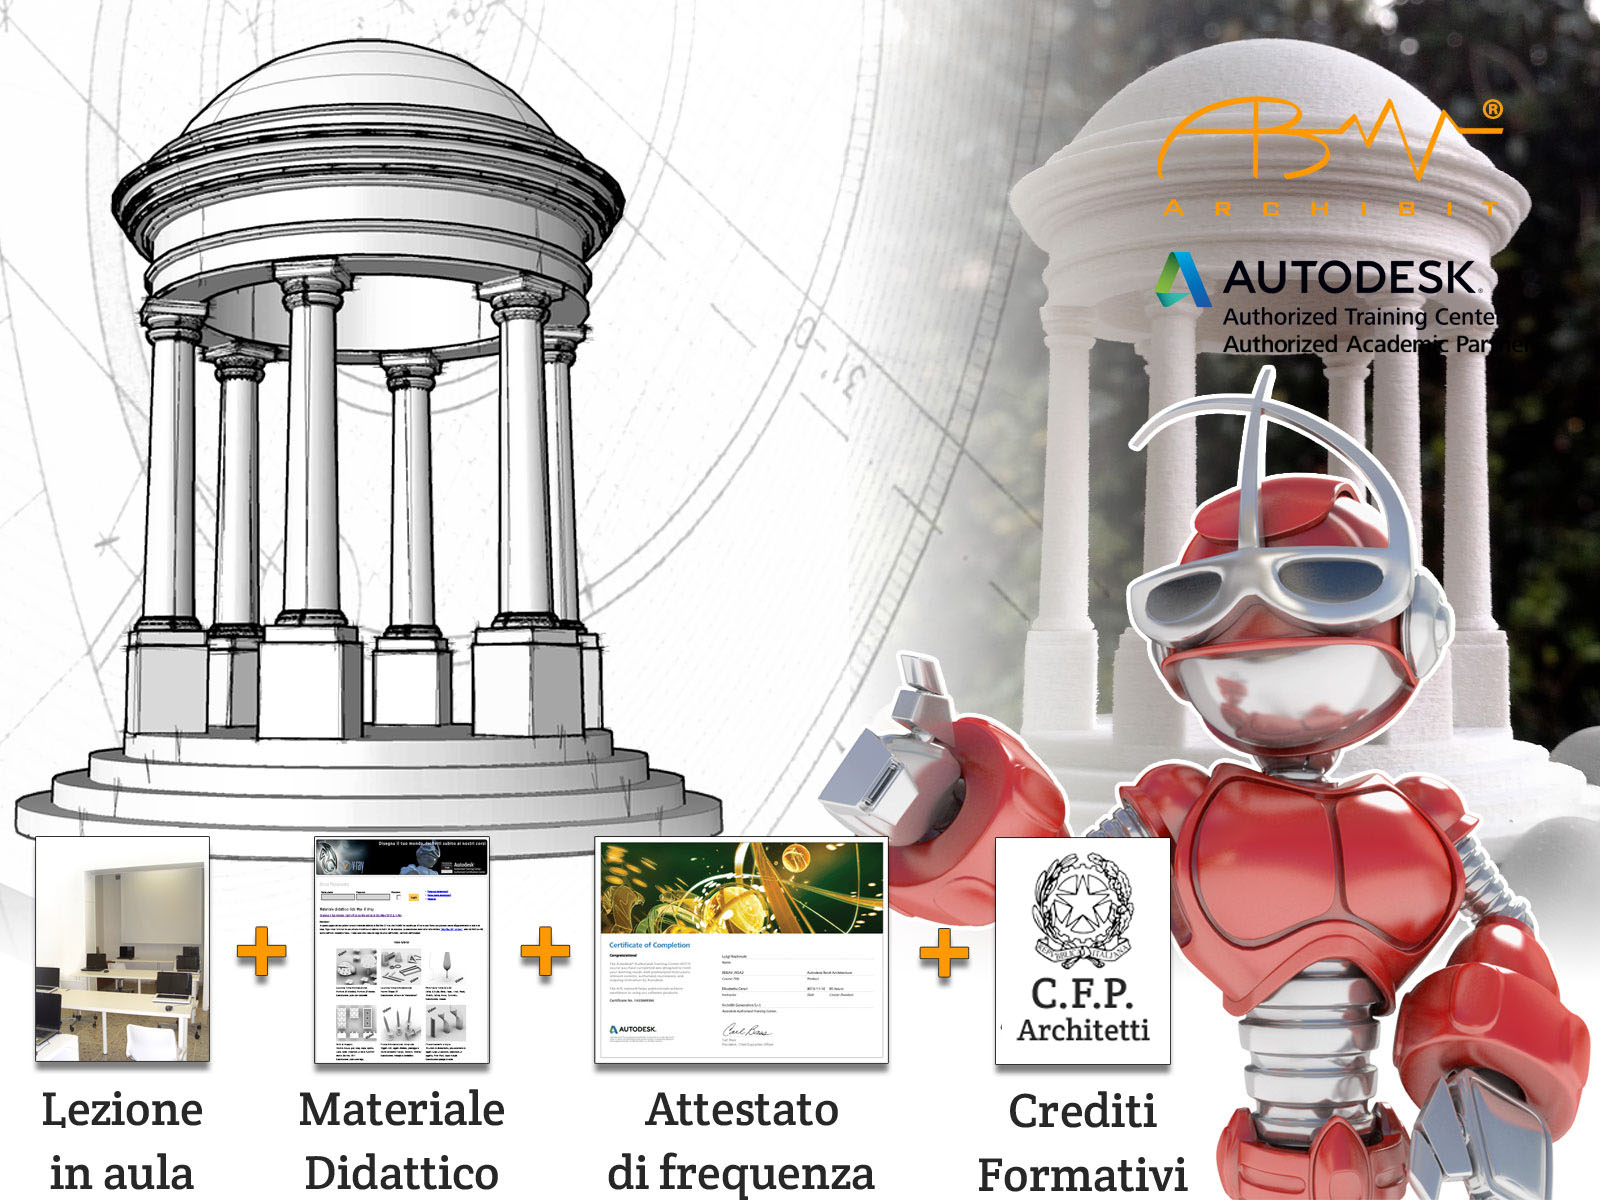 corso autocad 3D cad centro corsi autodesk roma crediti formativi professionali architetti